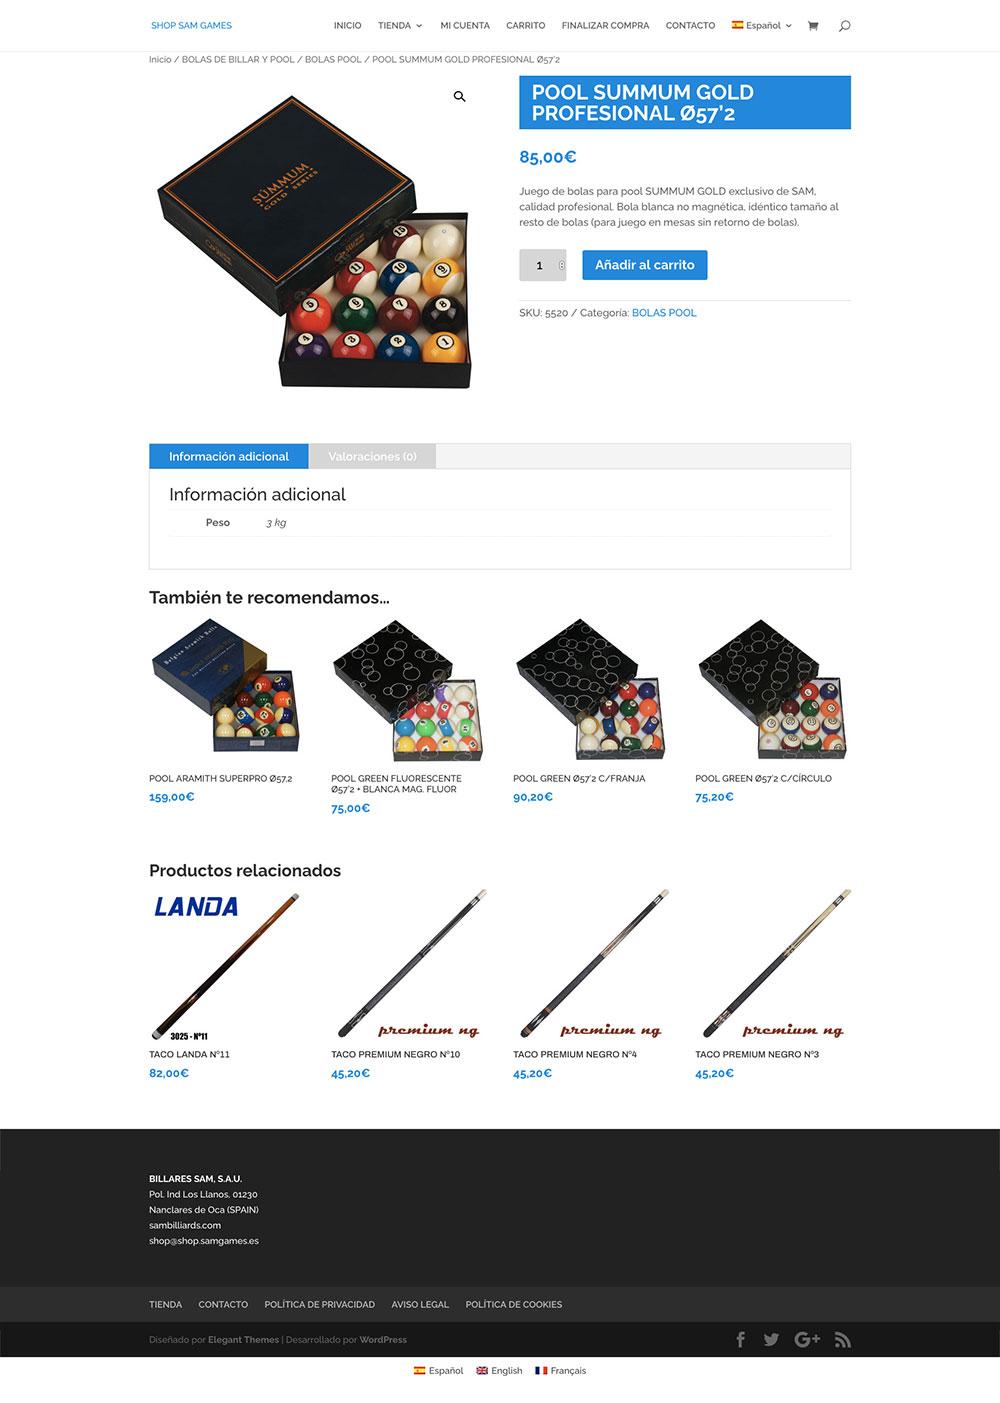 shop_samgames_web2 pablomad